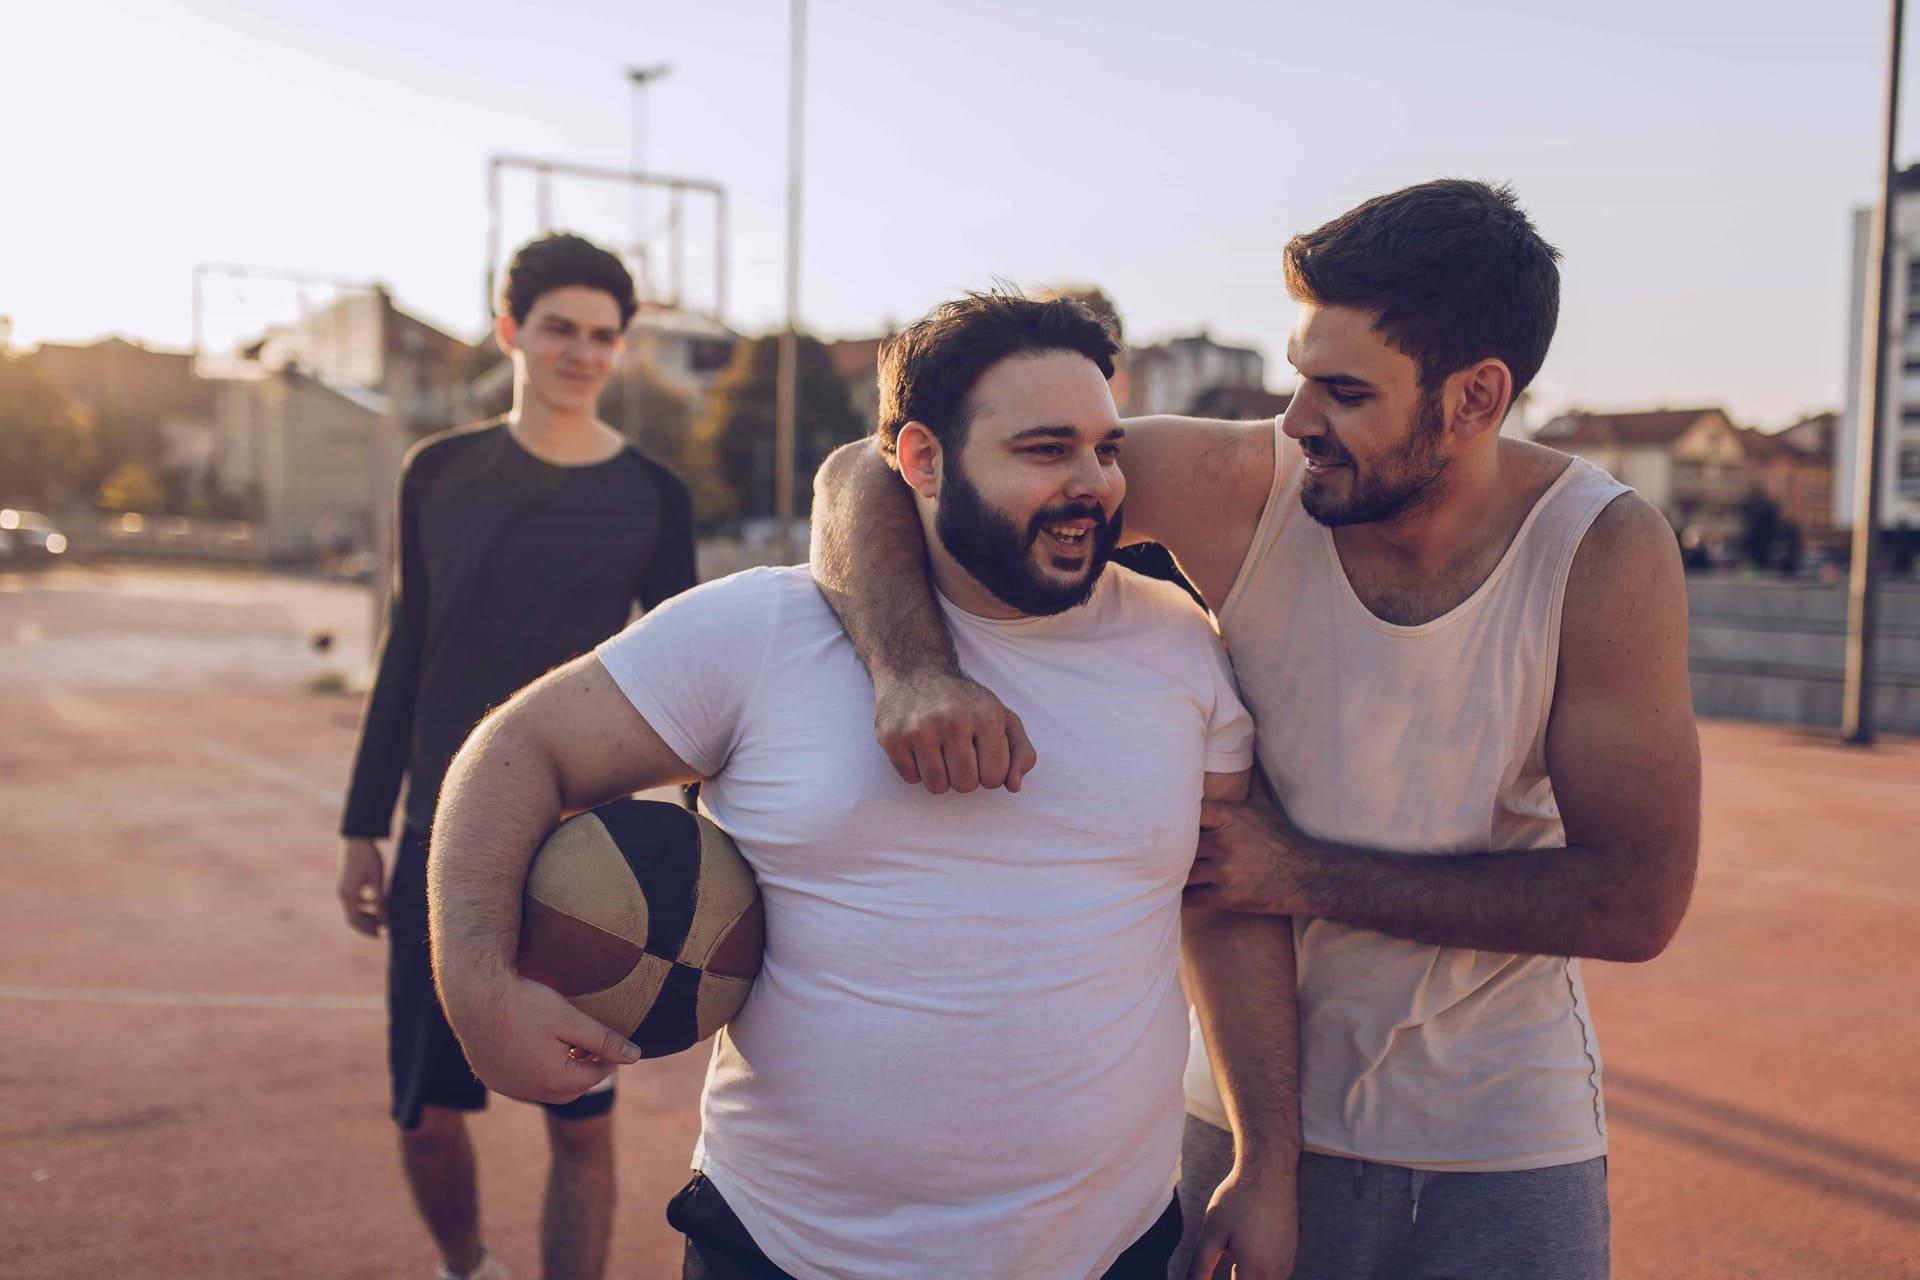 Obesità: la competizione stimola a muoversi di più?